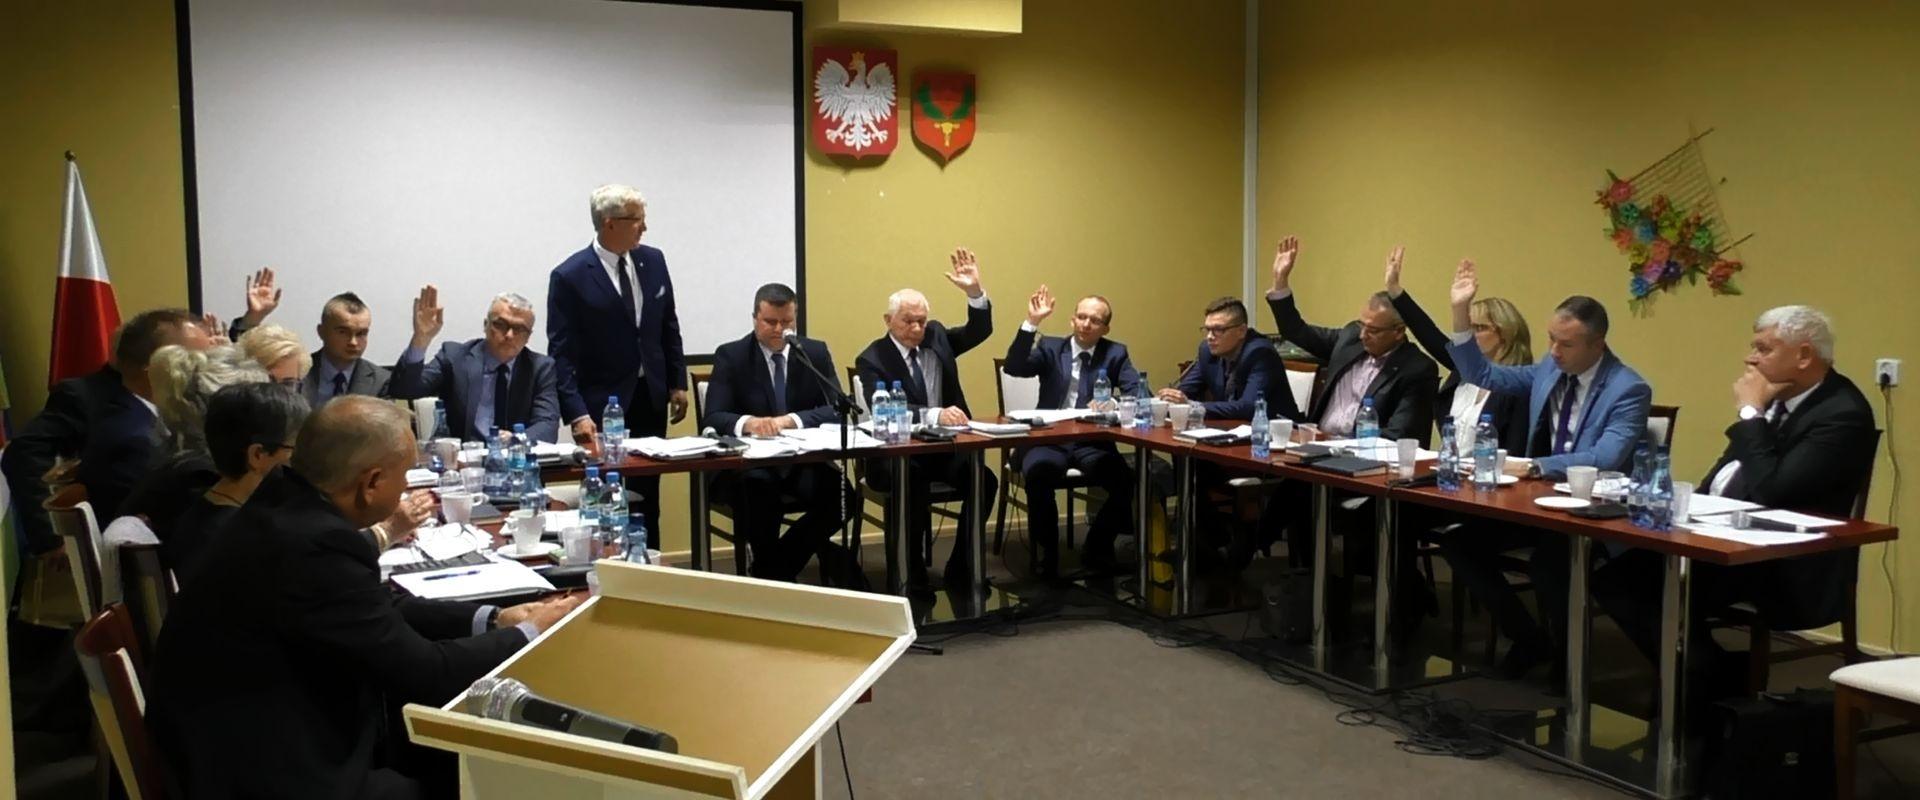 Radni powołali komisje problemowe